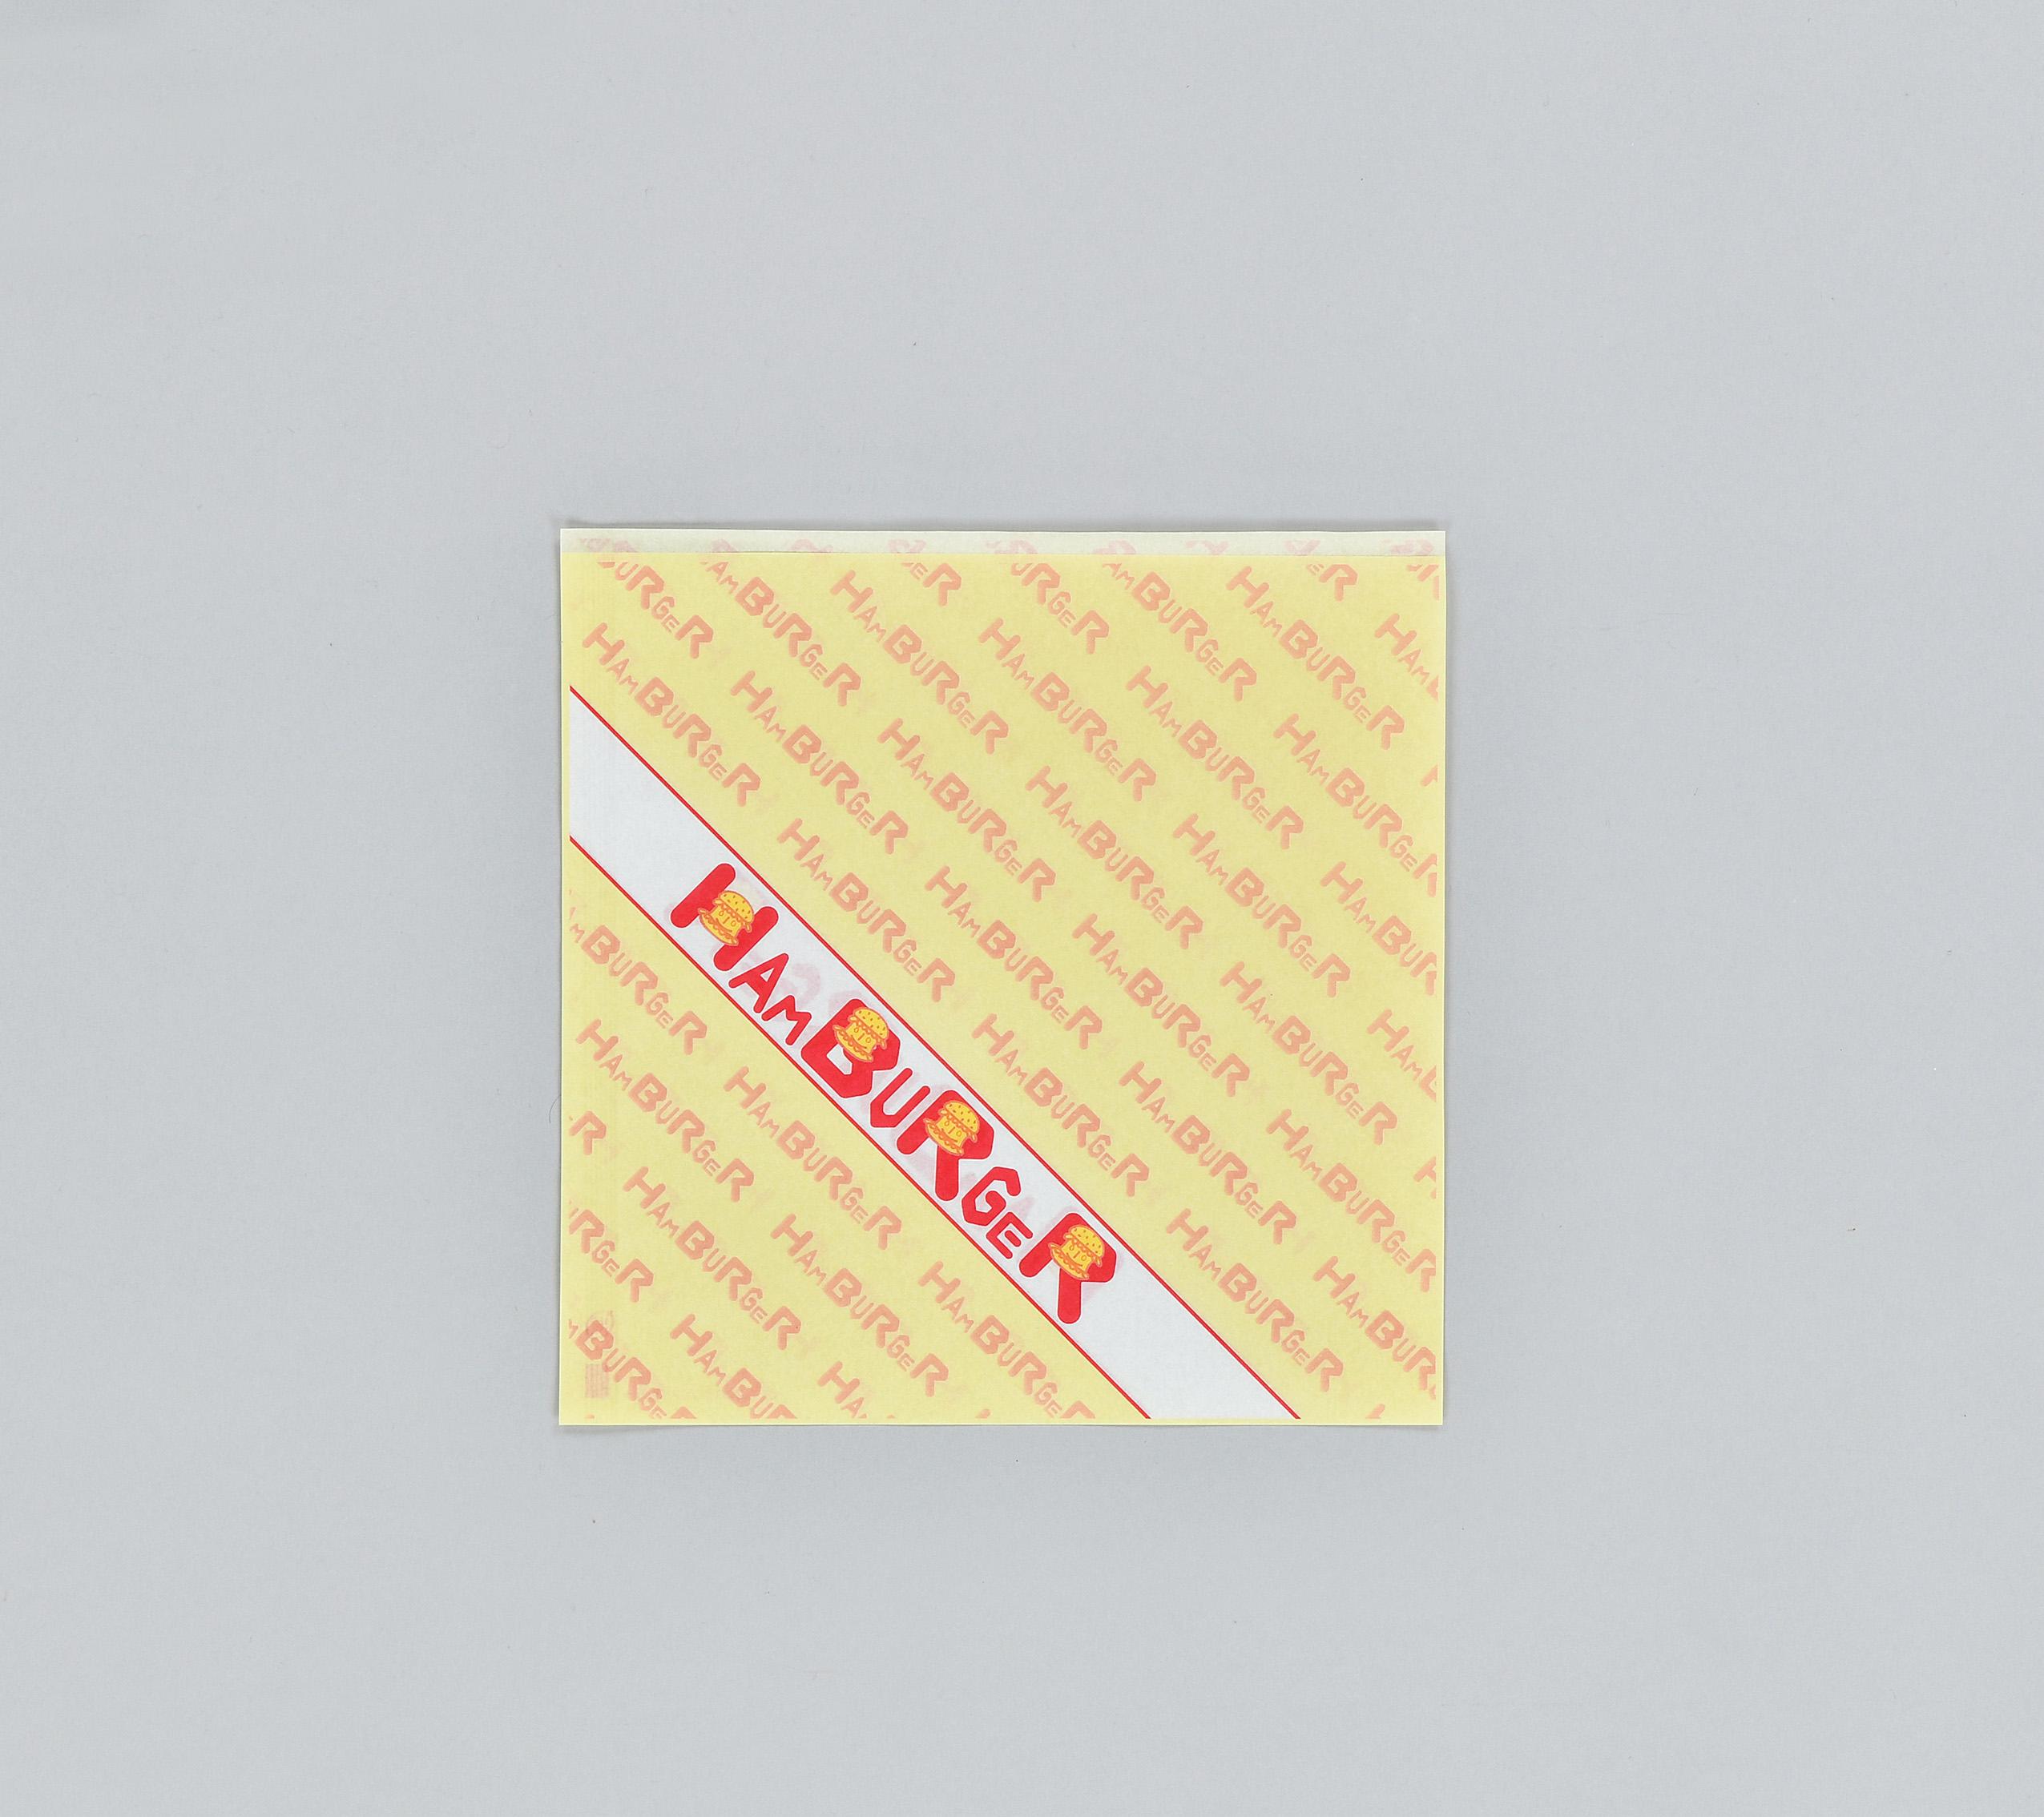 バーガー袋 No.18 ハンバーガー(3000枚入り/ケース)耐油 ハンバーガー ホットドッグ メロンパン 軽食 テイクアウト